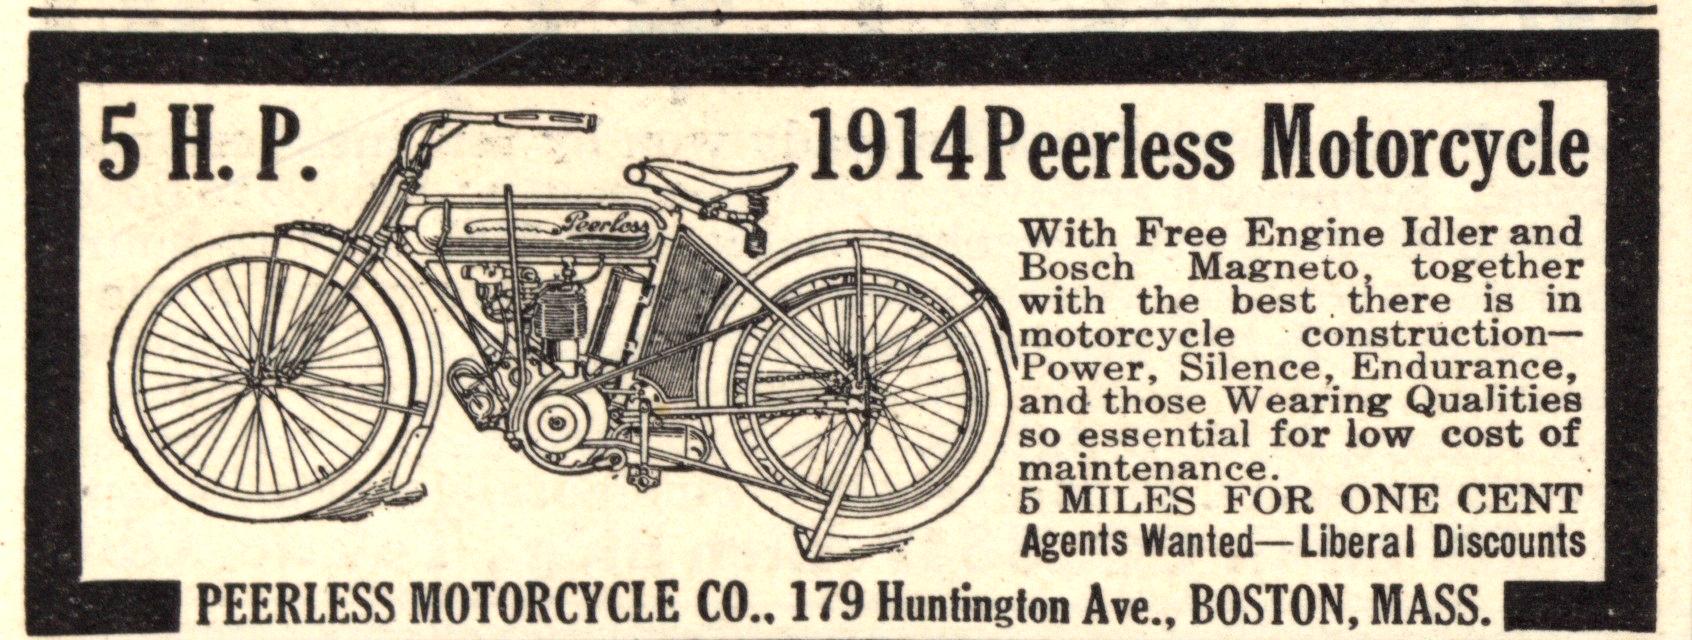 Motorcycles Peerless 1914 0002